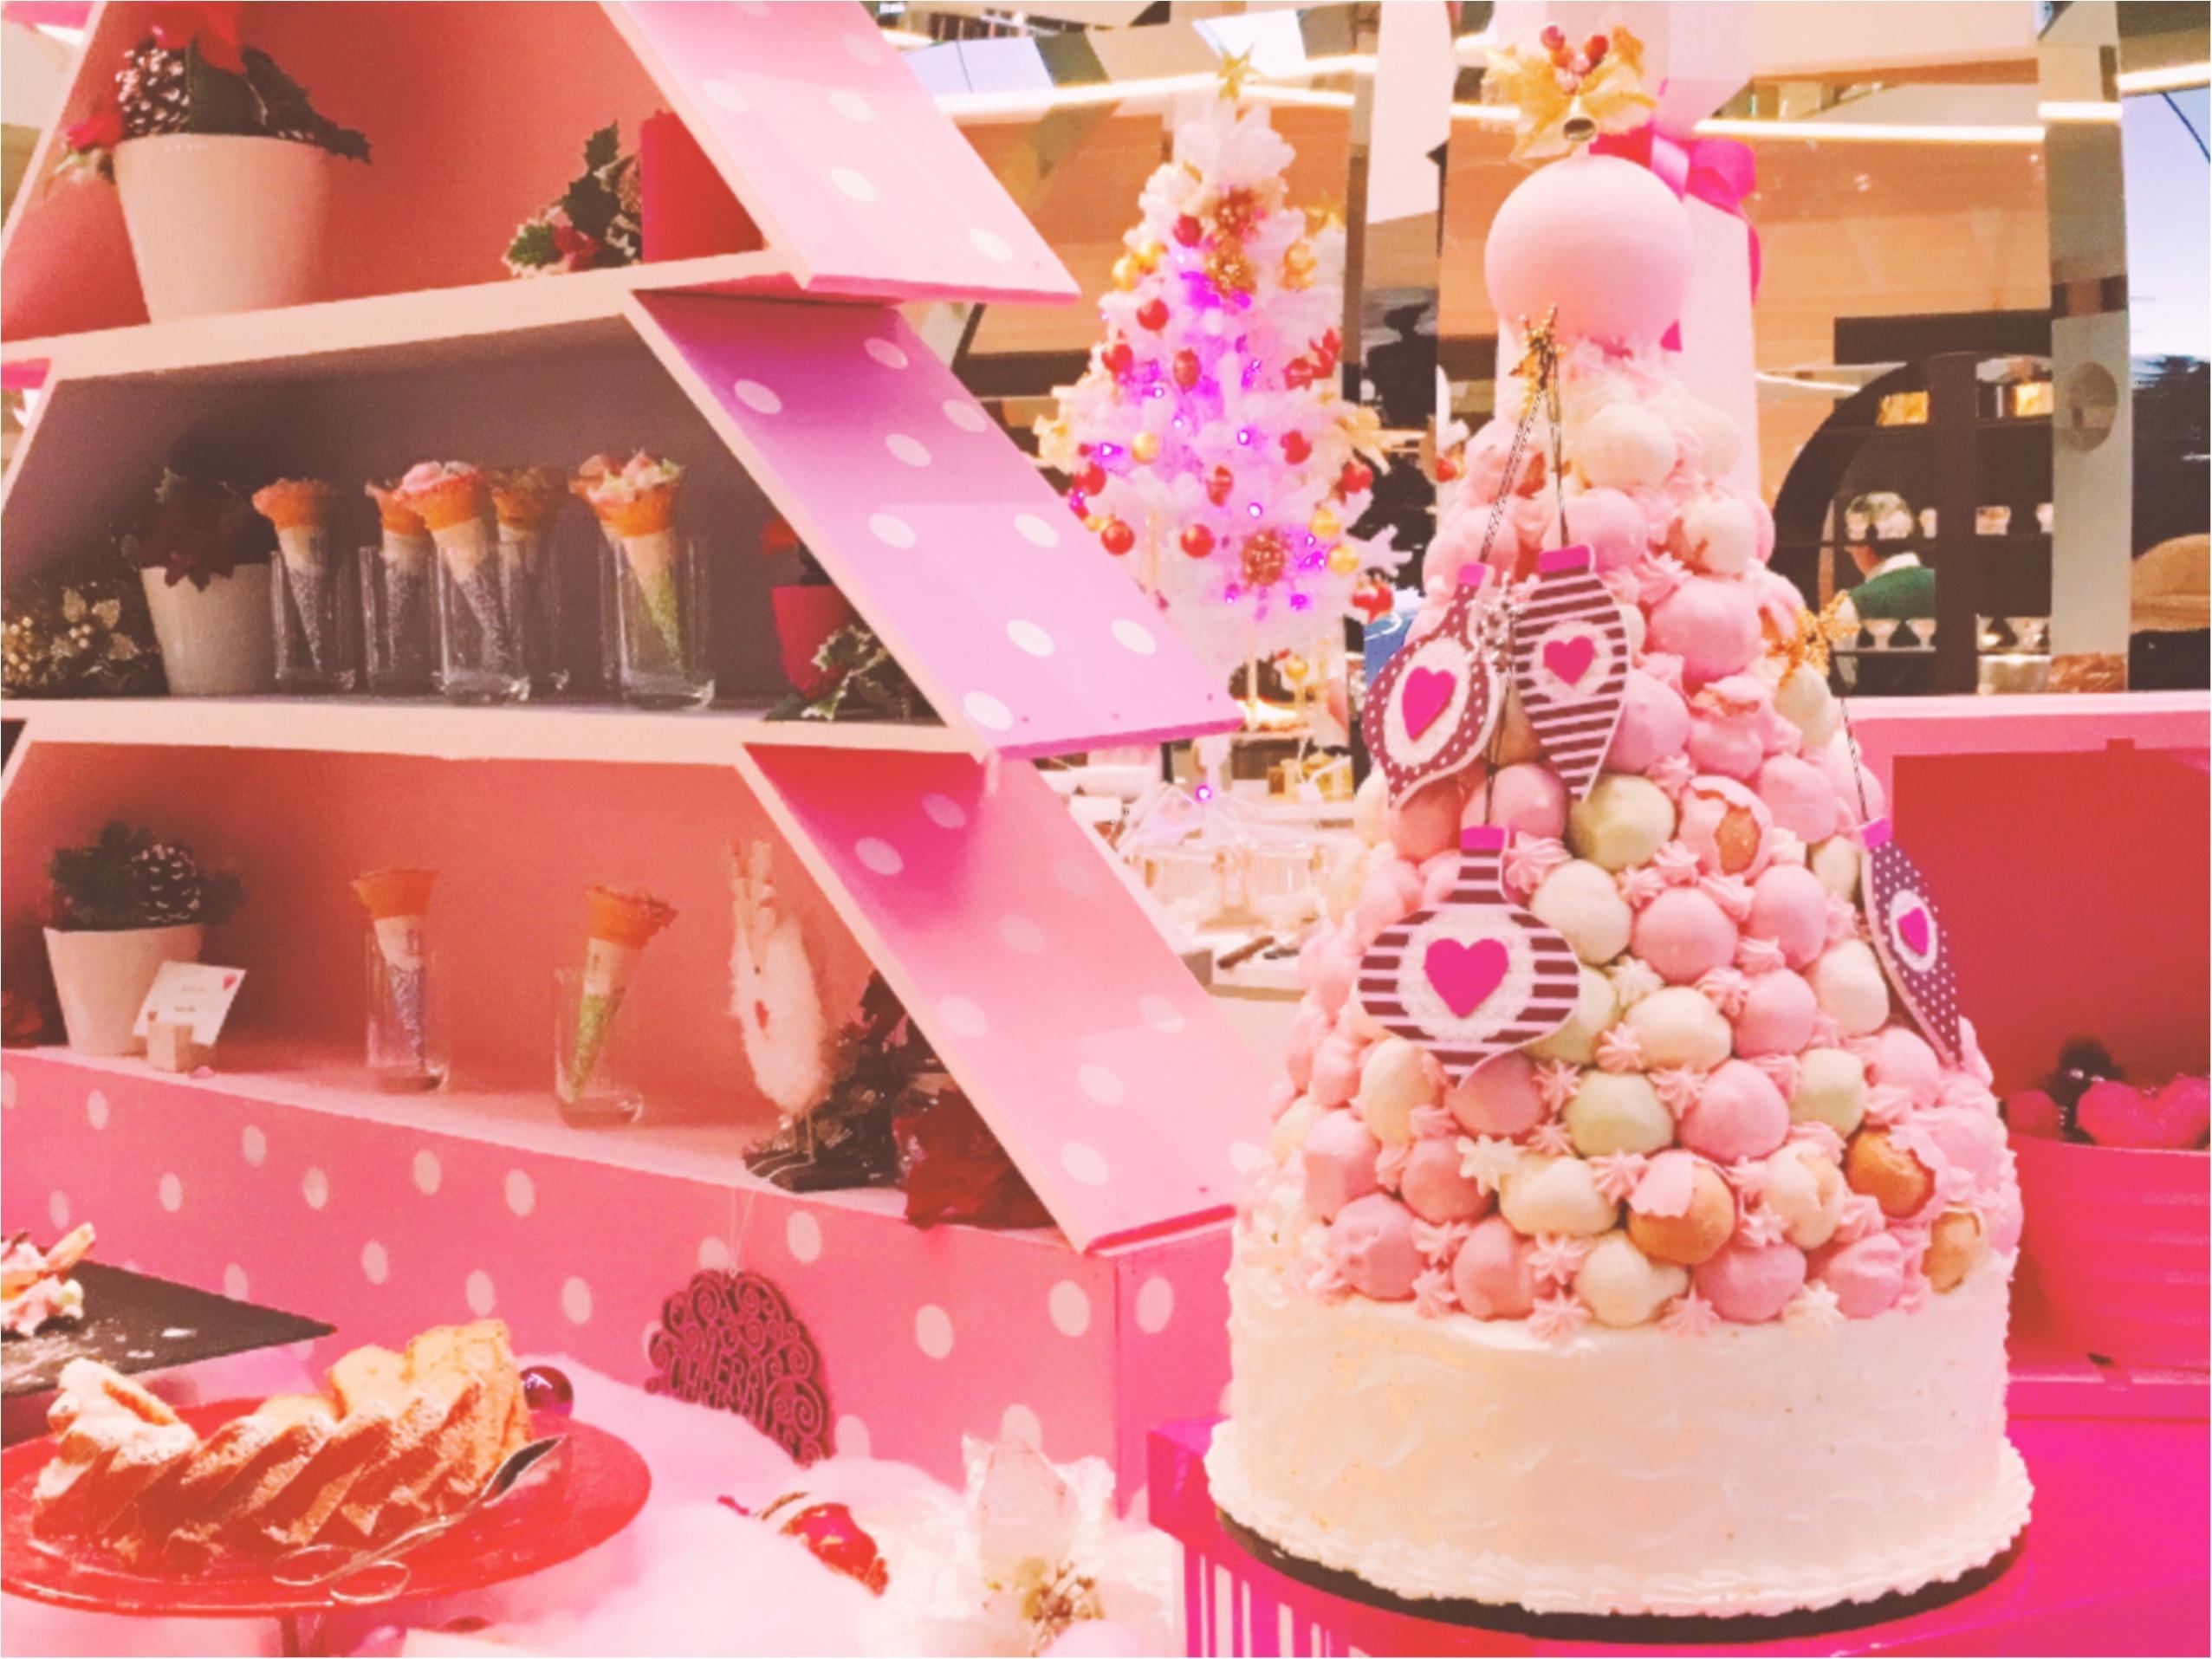 ヒルトン東京ベイ【ピンク・クリスマス】ビュッフェがかわいすぎる!_1